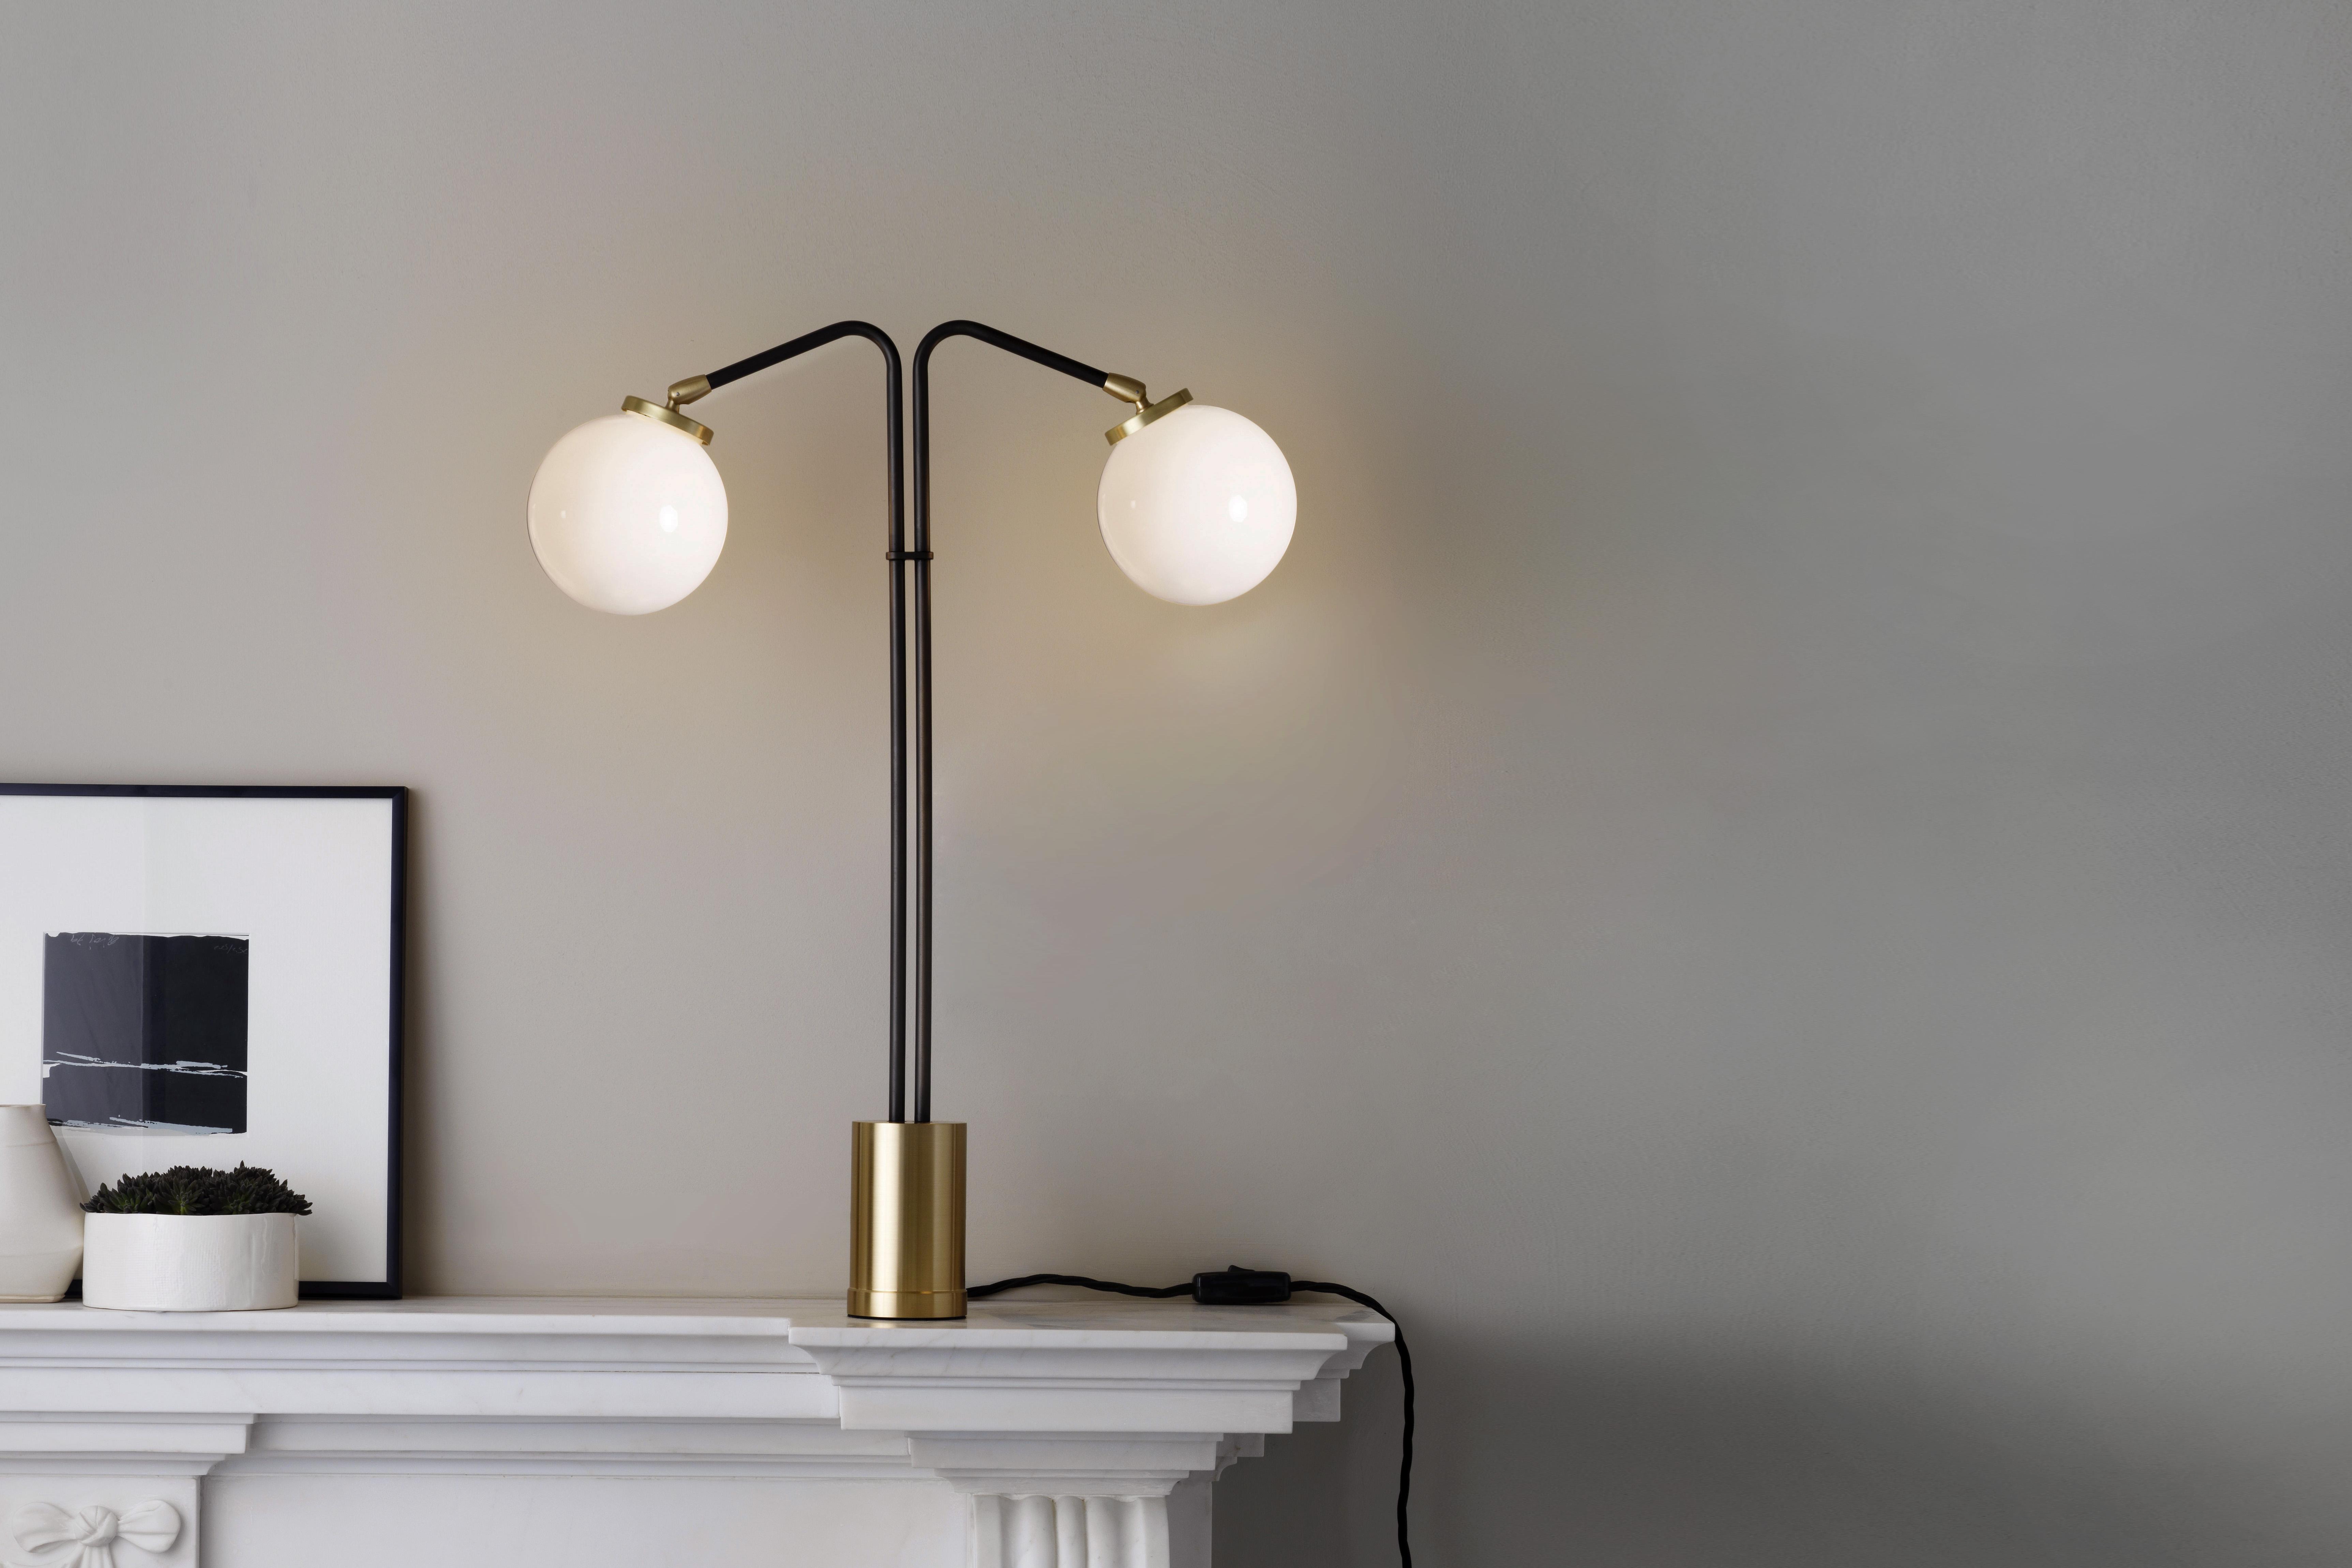 Ay Illuminate Lampen : Tischlampen tischleuchten nachttischlampen ▷ westwingnow